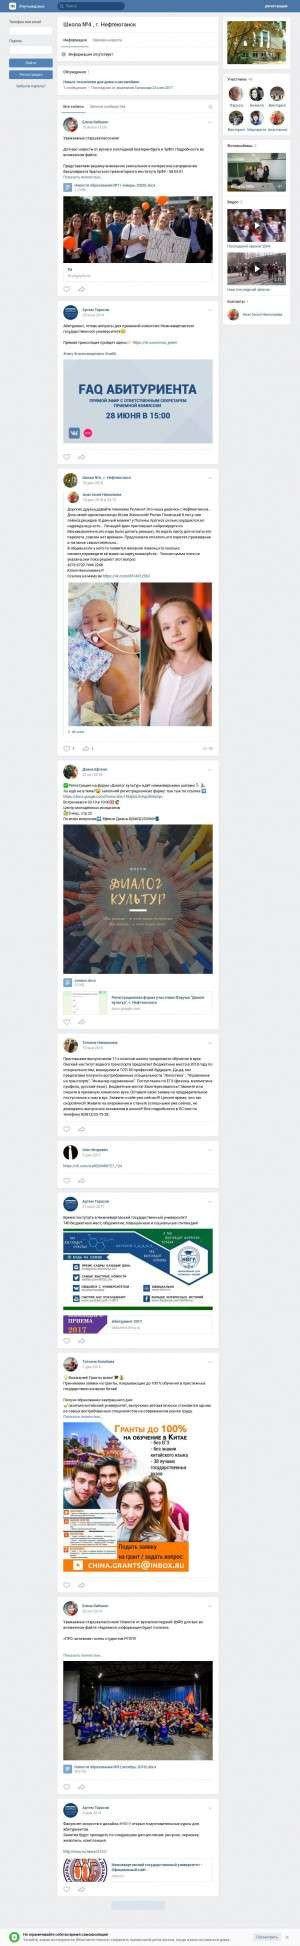 Предпросмотр для vk.com — МБОУ Средняя общеобразовательная кадетская школа № 4